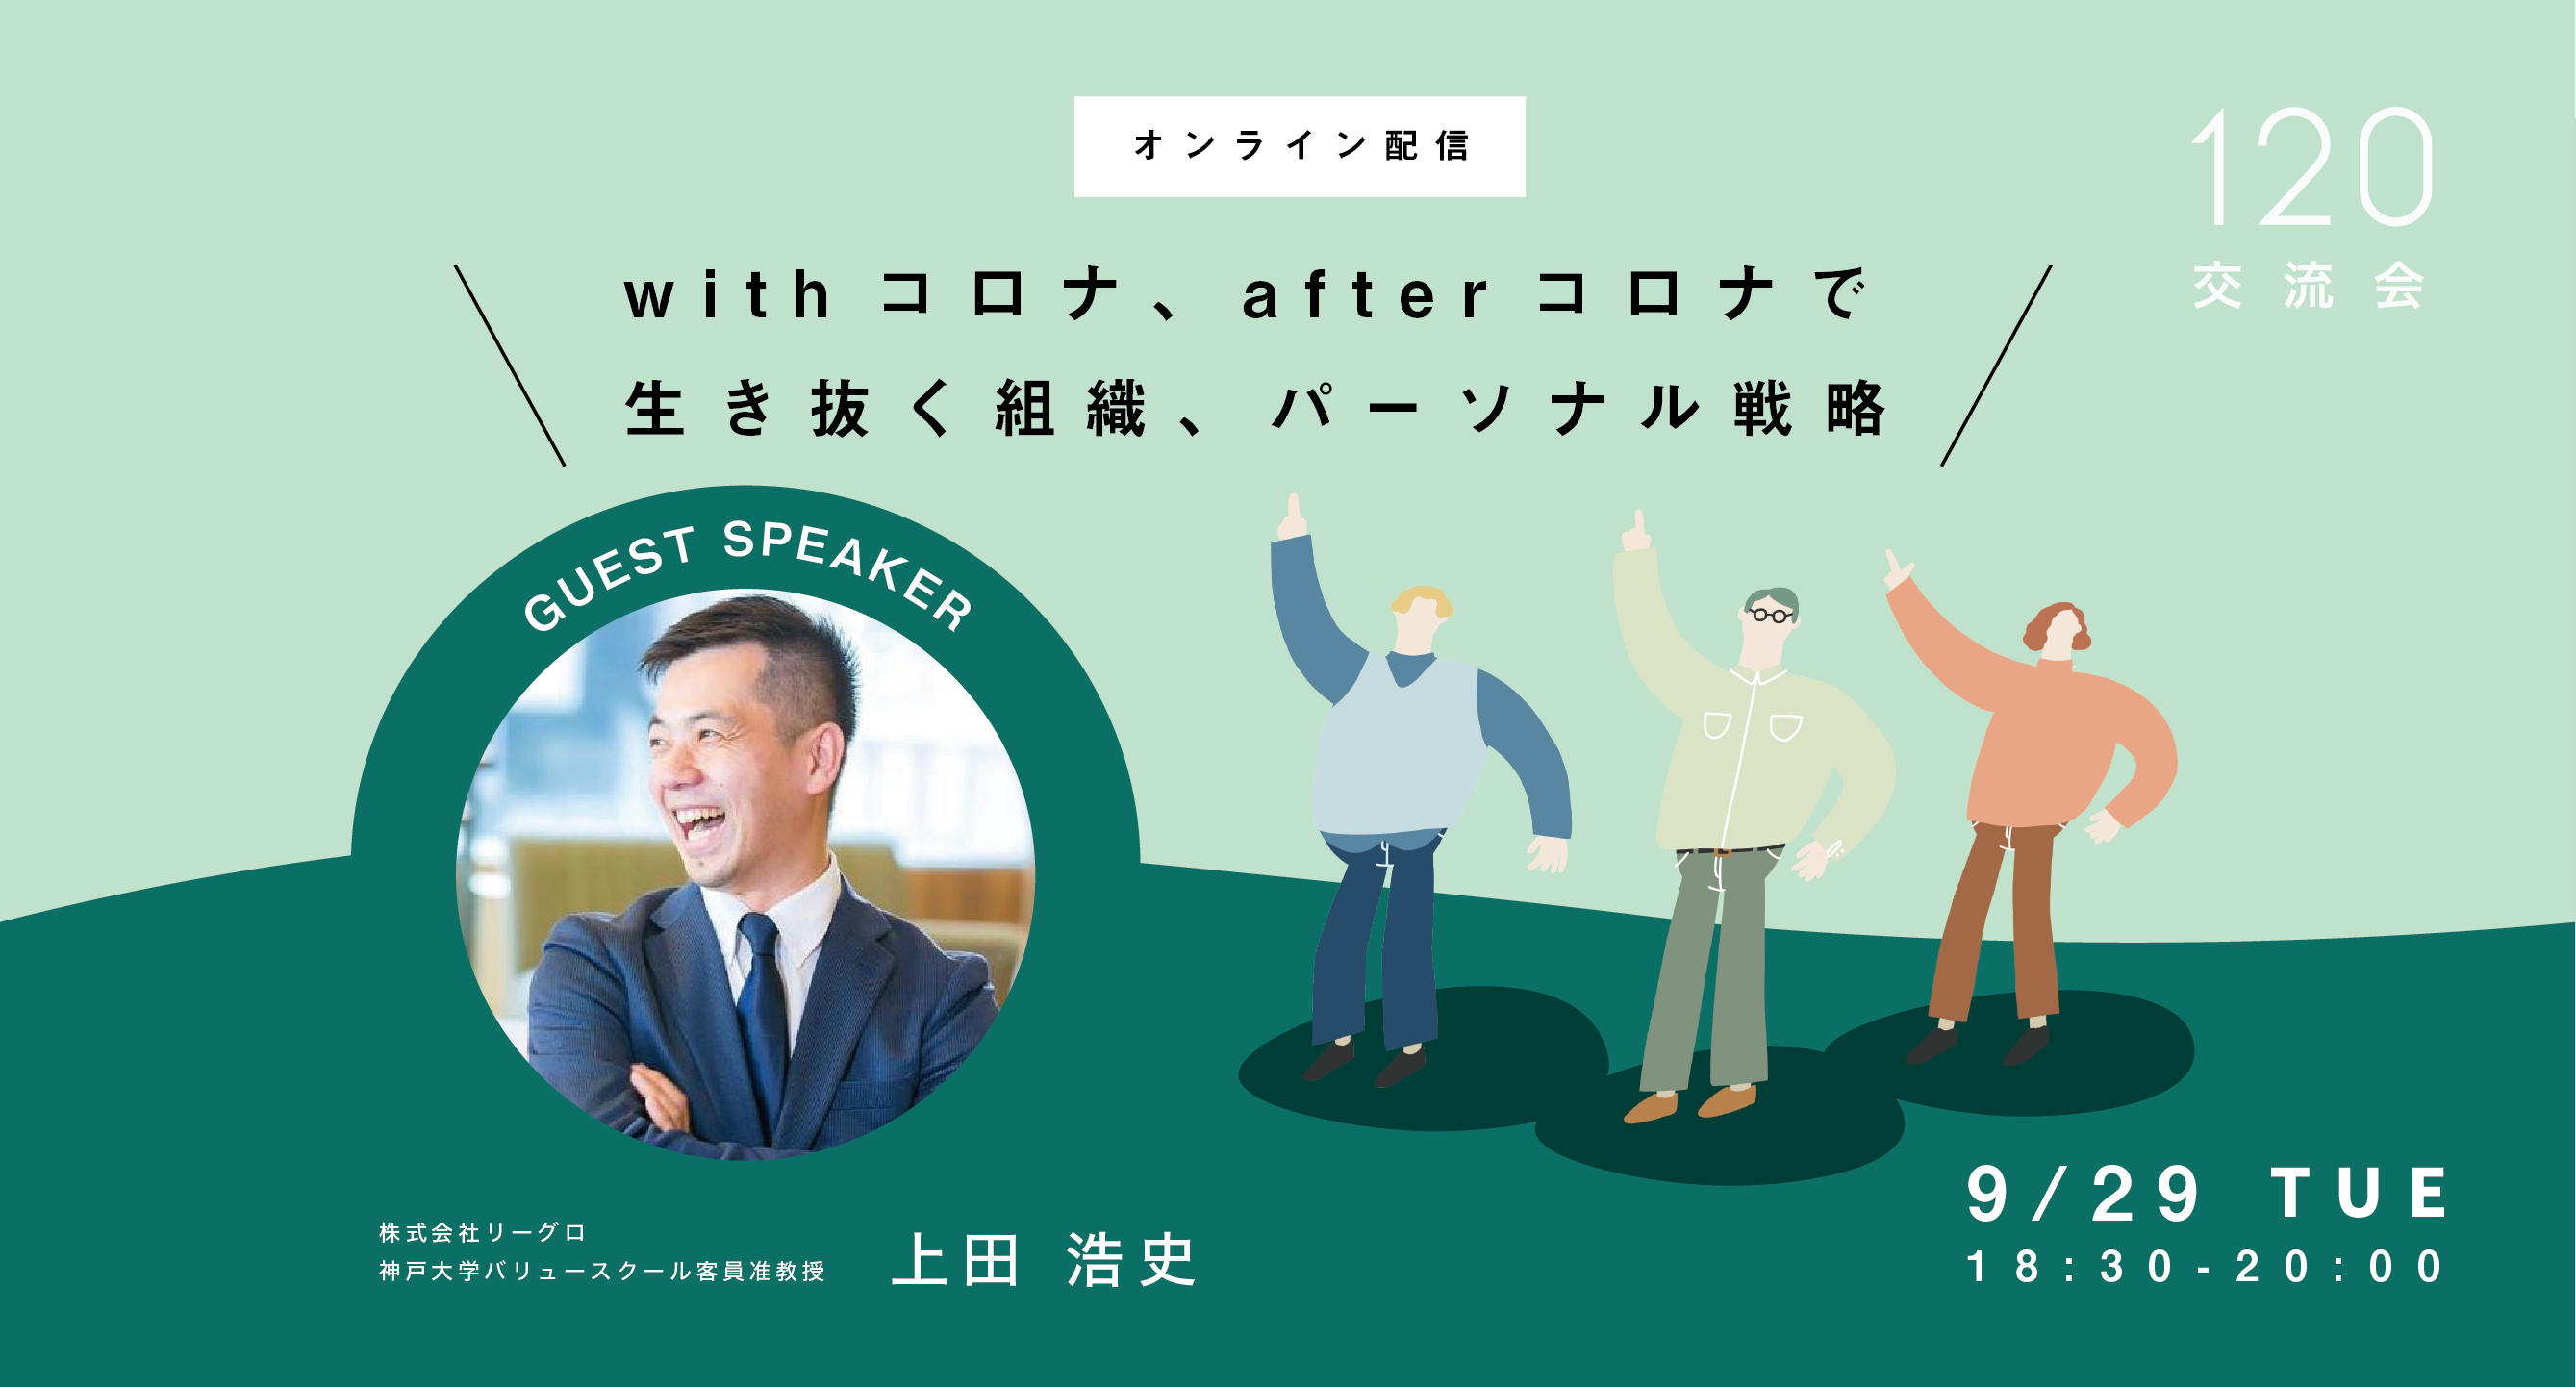 大学 コロナ 神戸 兵庫県 神戸の病院で集団感染か